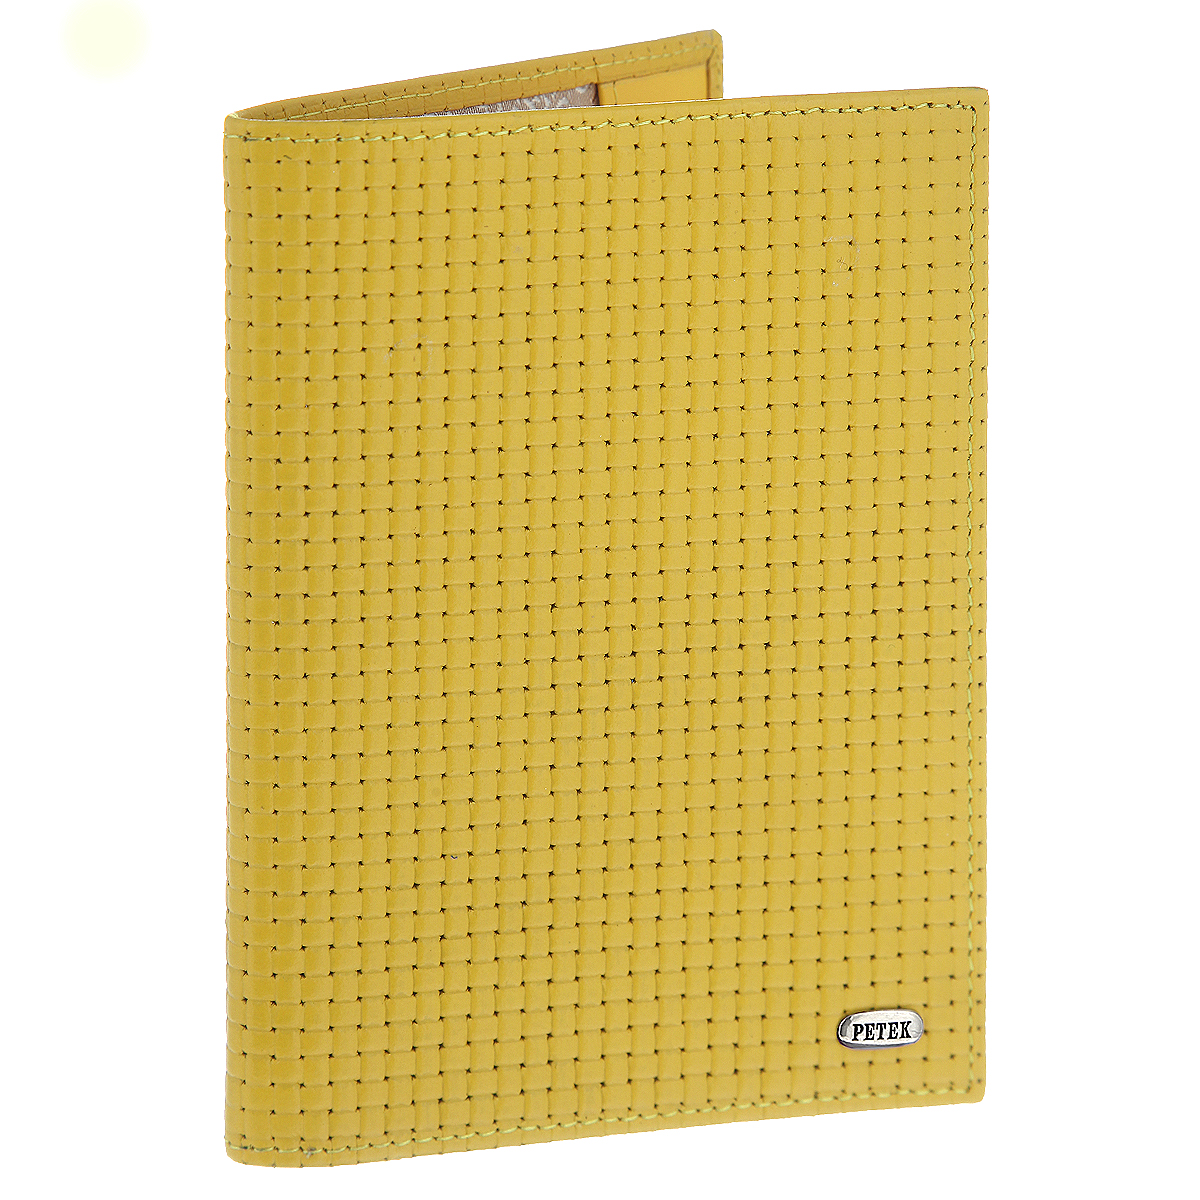 Обложка для паспорта PetekVIN-PS-GL-39Обложка на паспорт Petek выполнена из натуральной высококачественной кожи с фактурным тиснением и оформлена металлической пластиной с надписью в виде логотипа бренда. Внутри обложка отделана атласным текстилем. На внутреннем развороте имеет два кармана из натуральной кожи для надежной фиксации.Стильная обложка не только защитит ваши документы, но и станет аксессуаром, подчеркивающим ваш образ. Изделие упаковано в фирменную коробку коричневого цвета с логотипом фирмы Petek 1855.